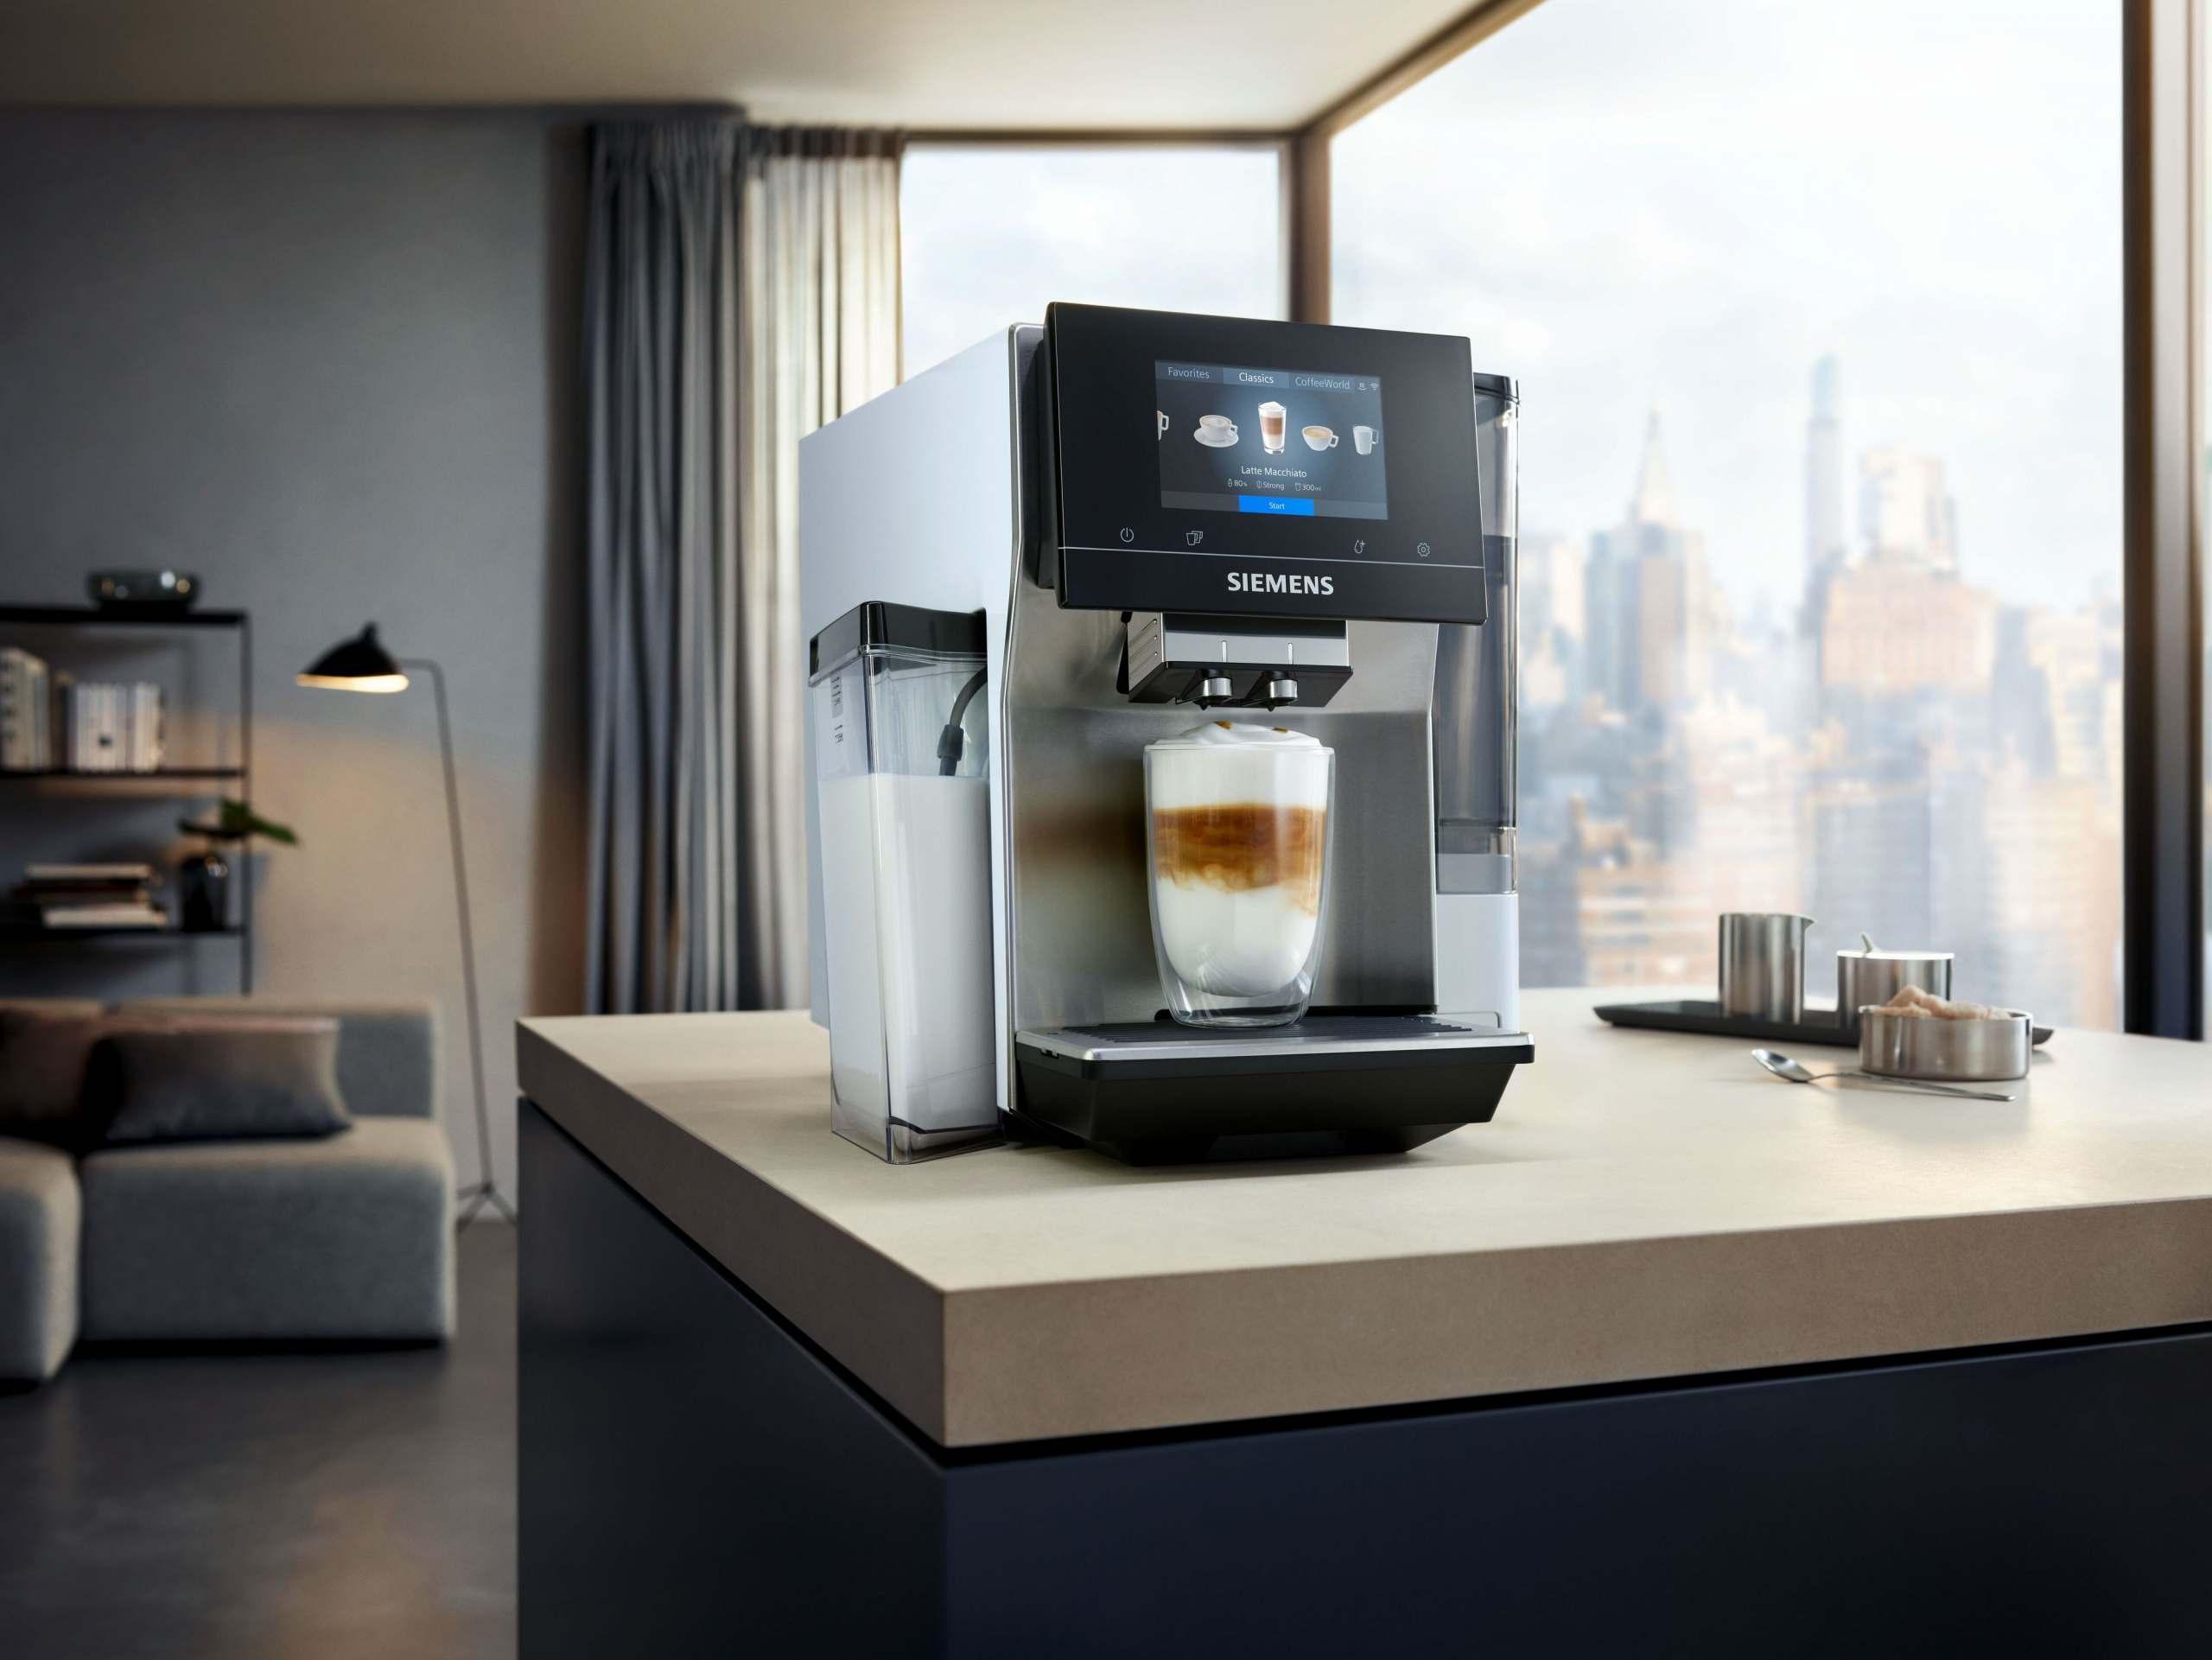 So schön kann Kaffeegenuss sein: Mit dem EQ.700 wird die EQ-Serie von Siemens um ein neues Modell ergänzt, das durch neueste Technologie und noch mehr Kaffeevielfalt überzeugt – und das ganz intuitiv über das Full-Touch-Display. Einfach Kaffee auswählen, vom Gerät zubereiten lassen und genießen.